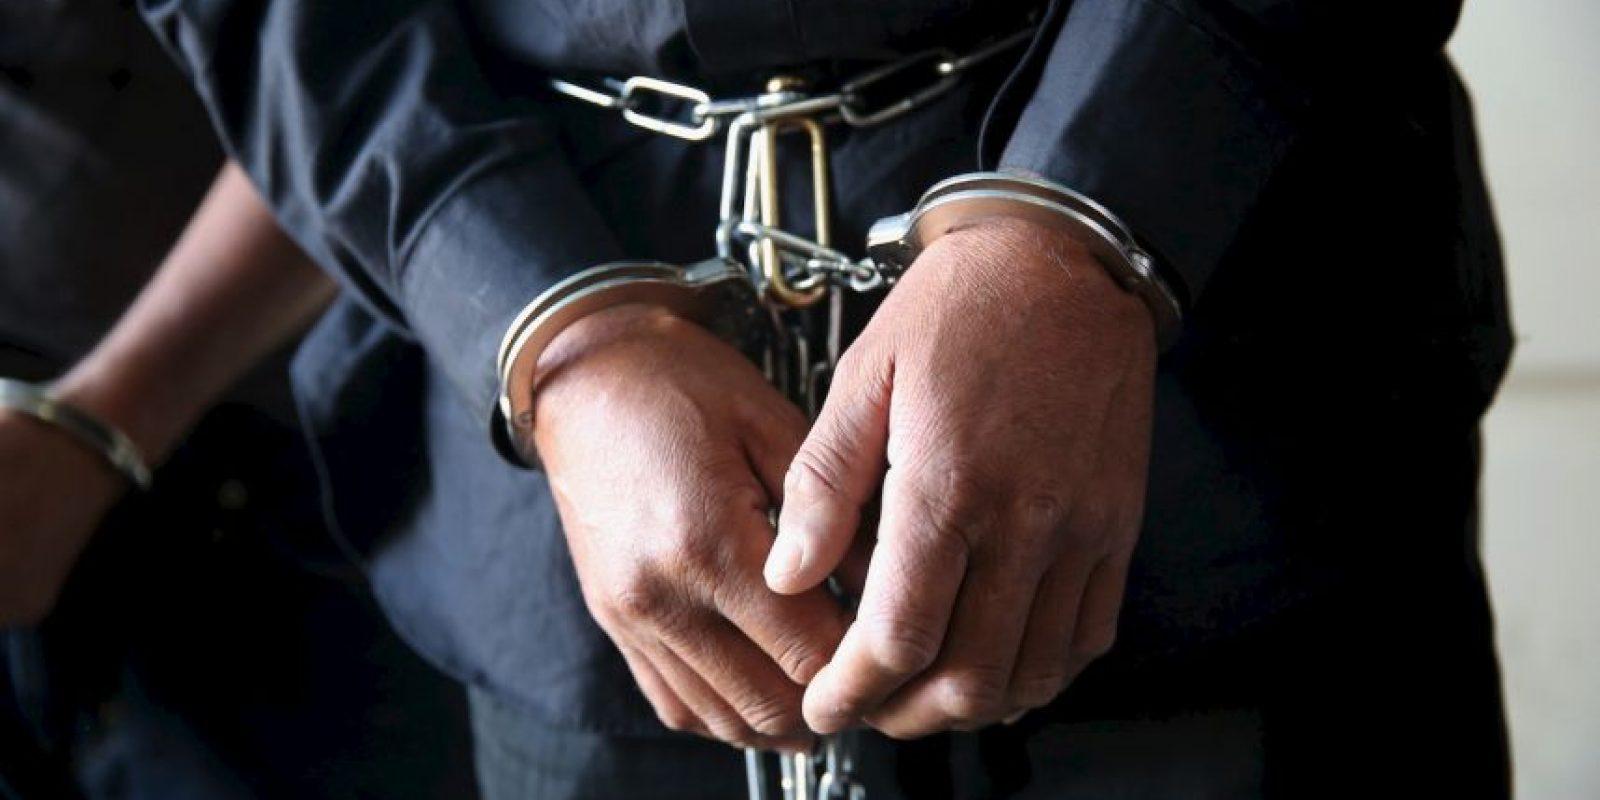 4. Su sentencia había sido revocada dos veces, por lo que con esta tercera vez ya no se le podrá acusar de ese caso. Foto:Getty Images